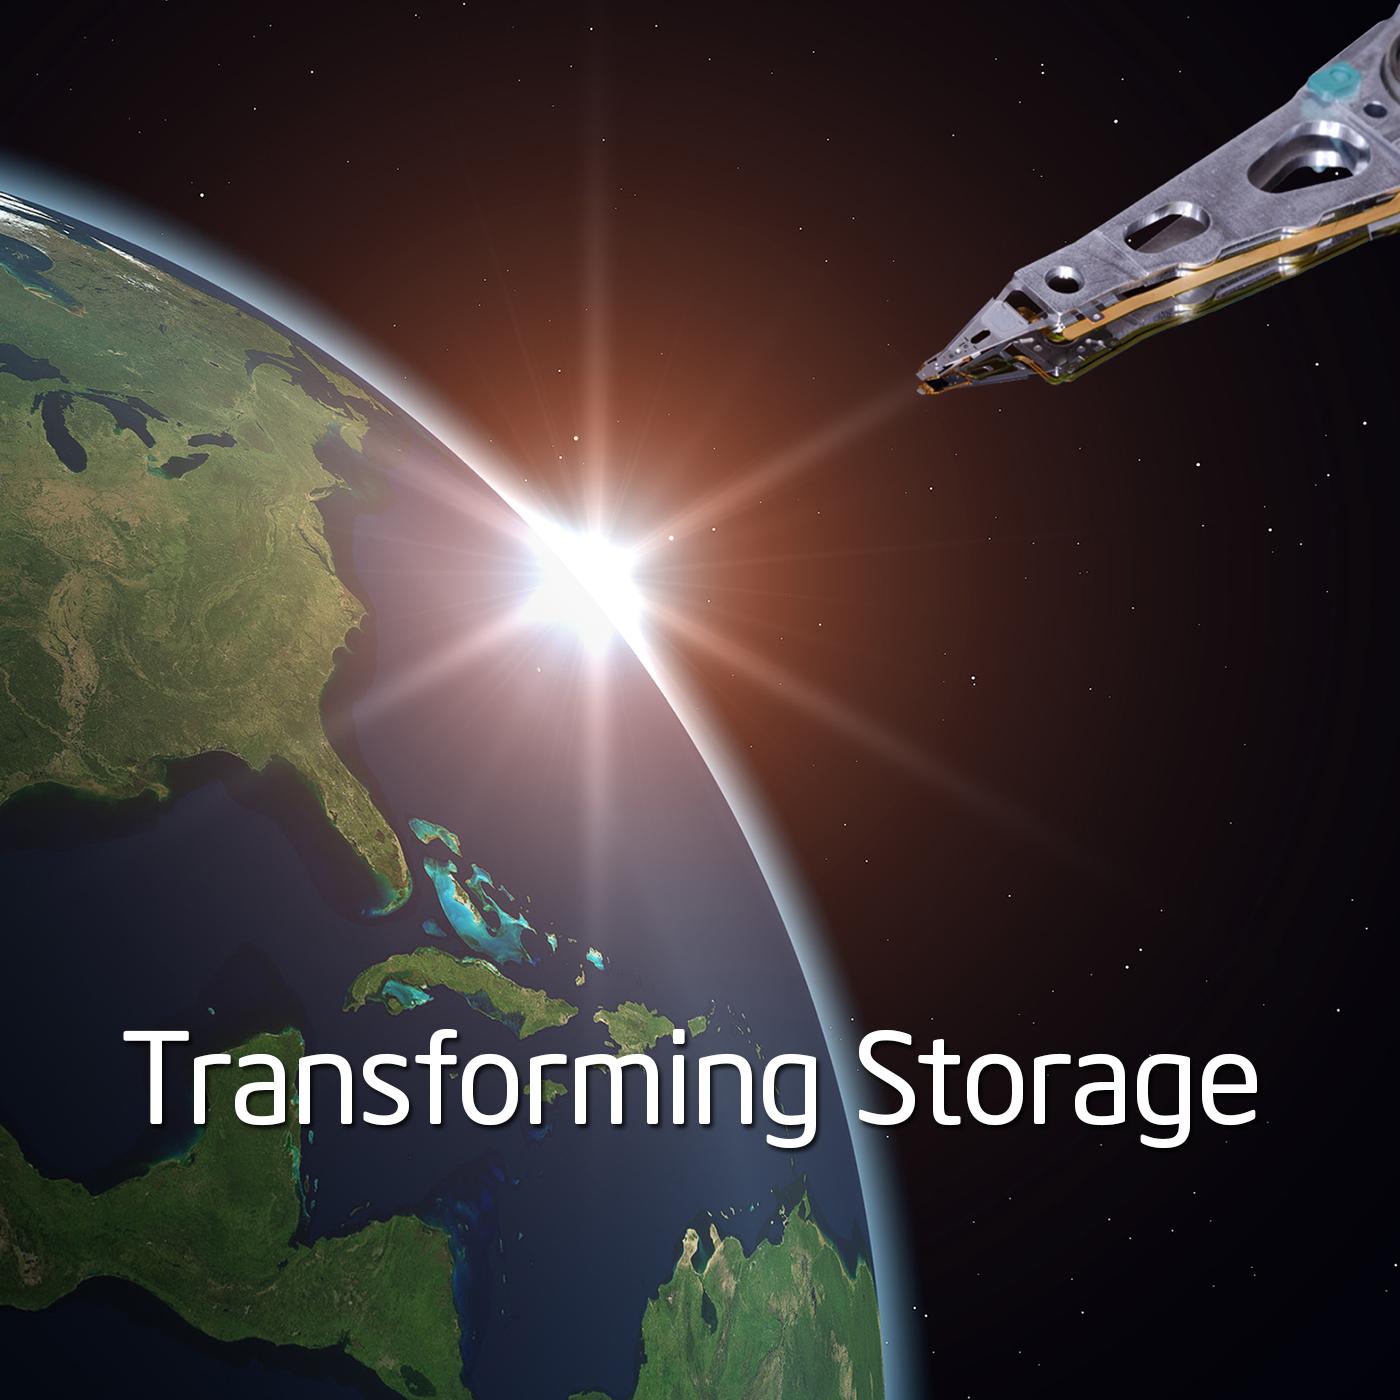 Transforming Storage